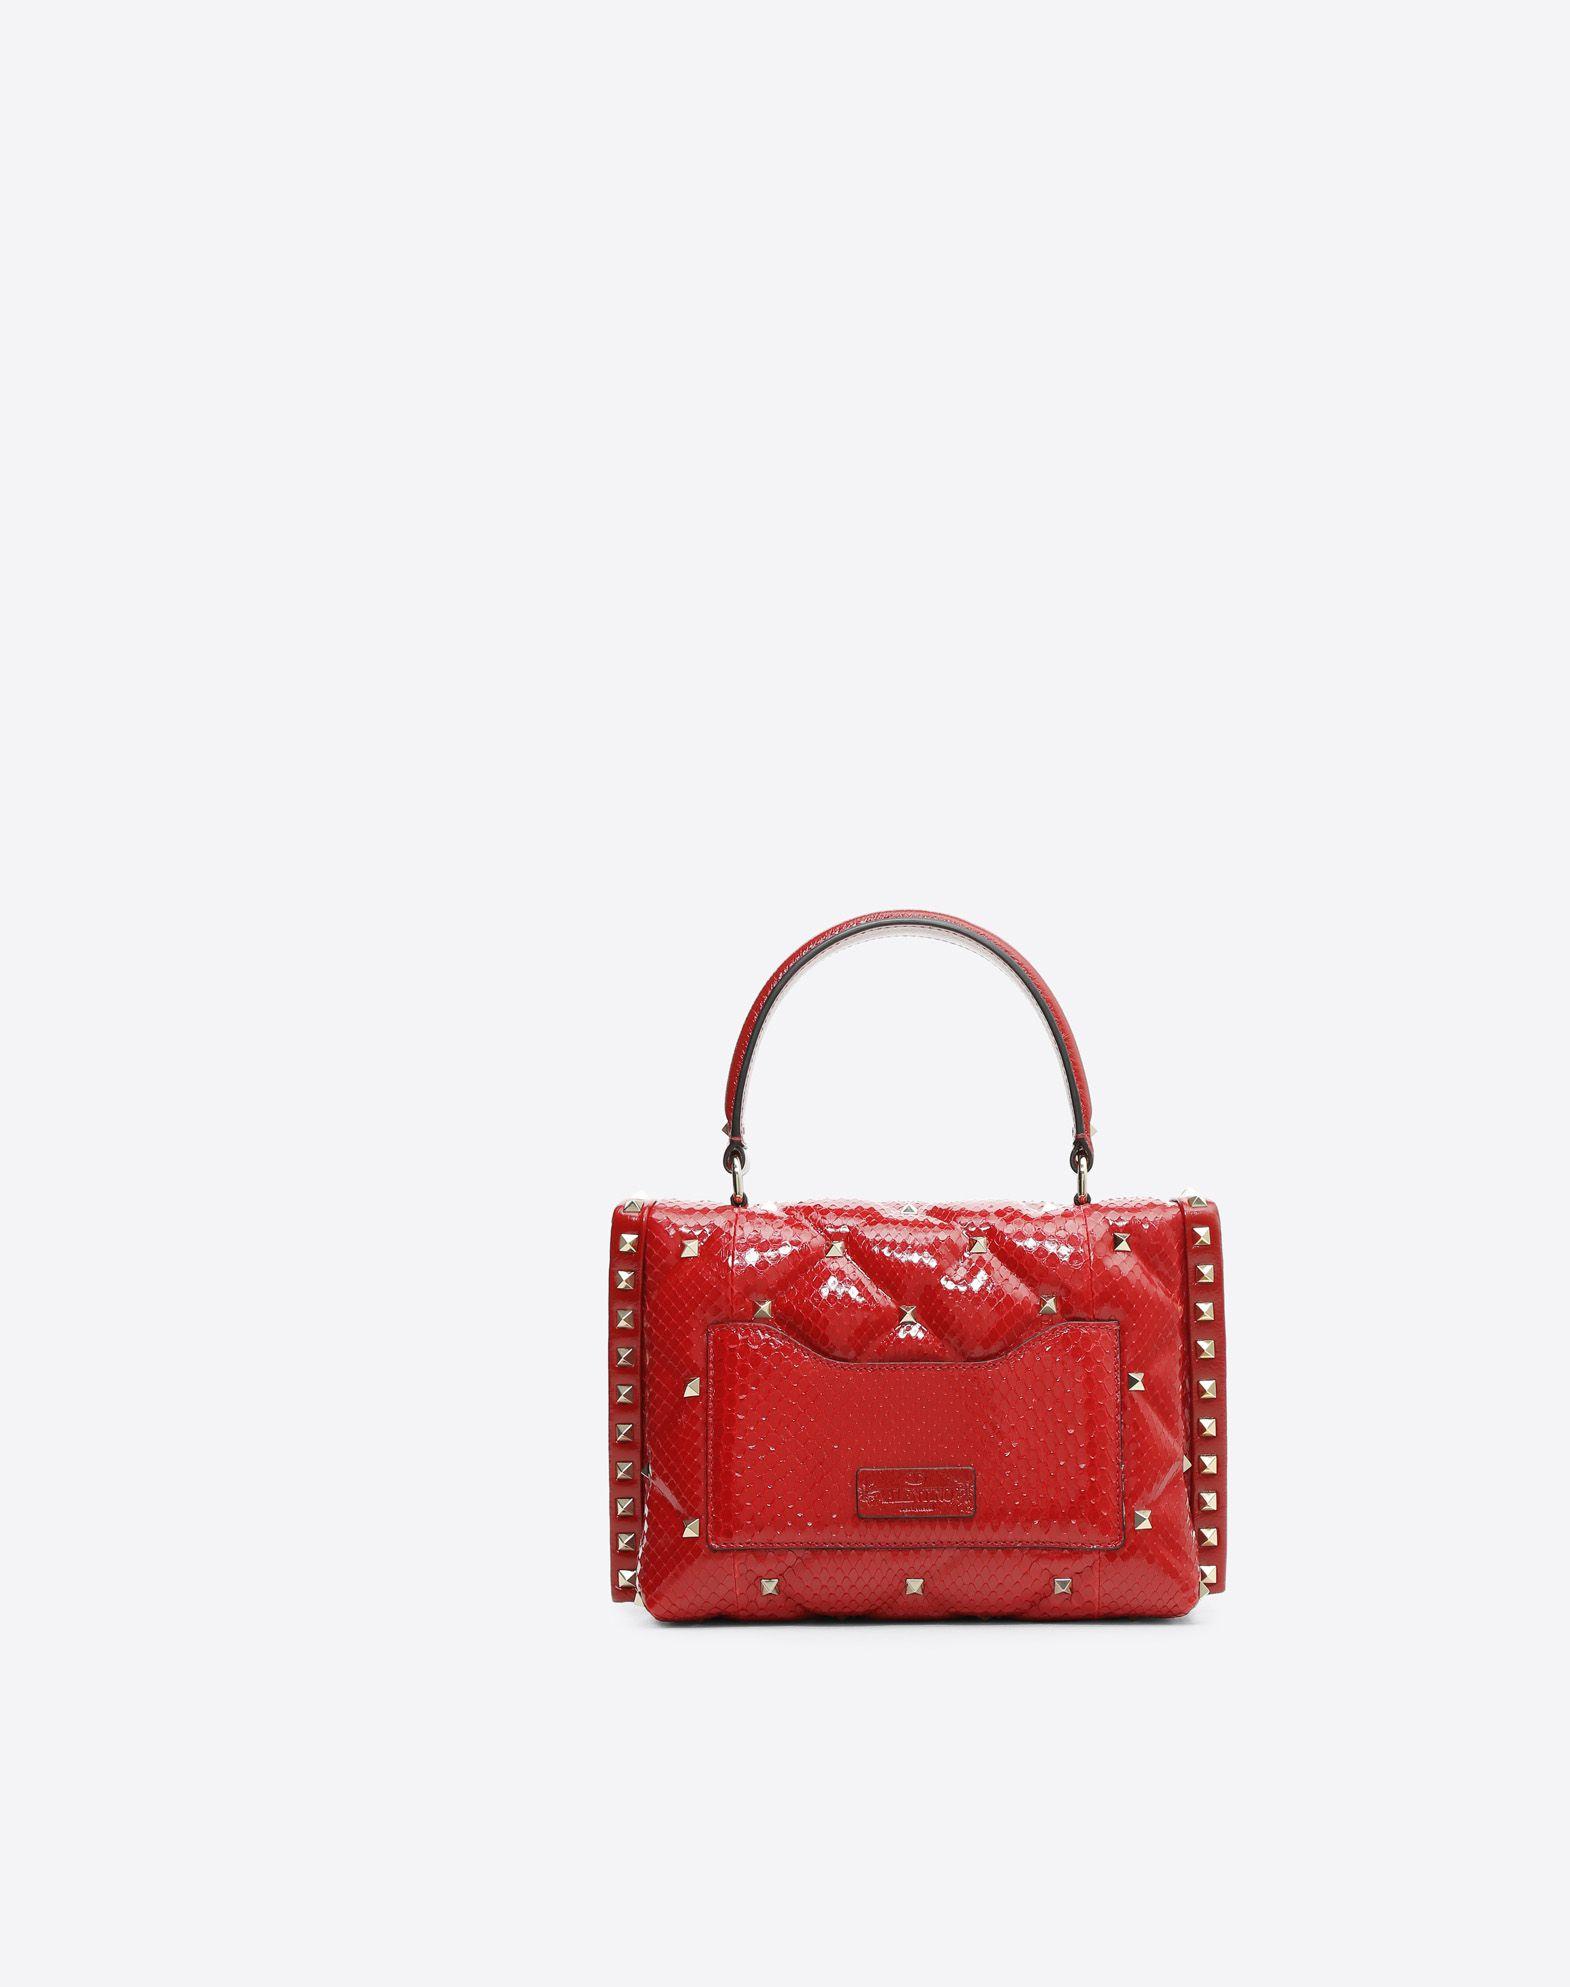 VALENTINO GARAVANI Candystud Top Handle Bag HANDBAG D d